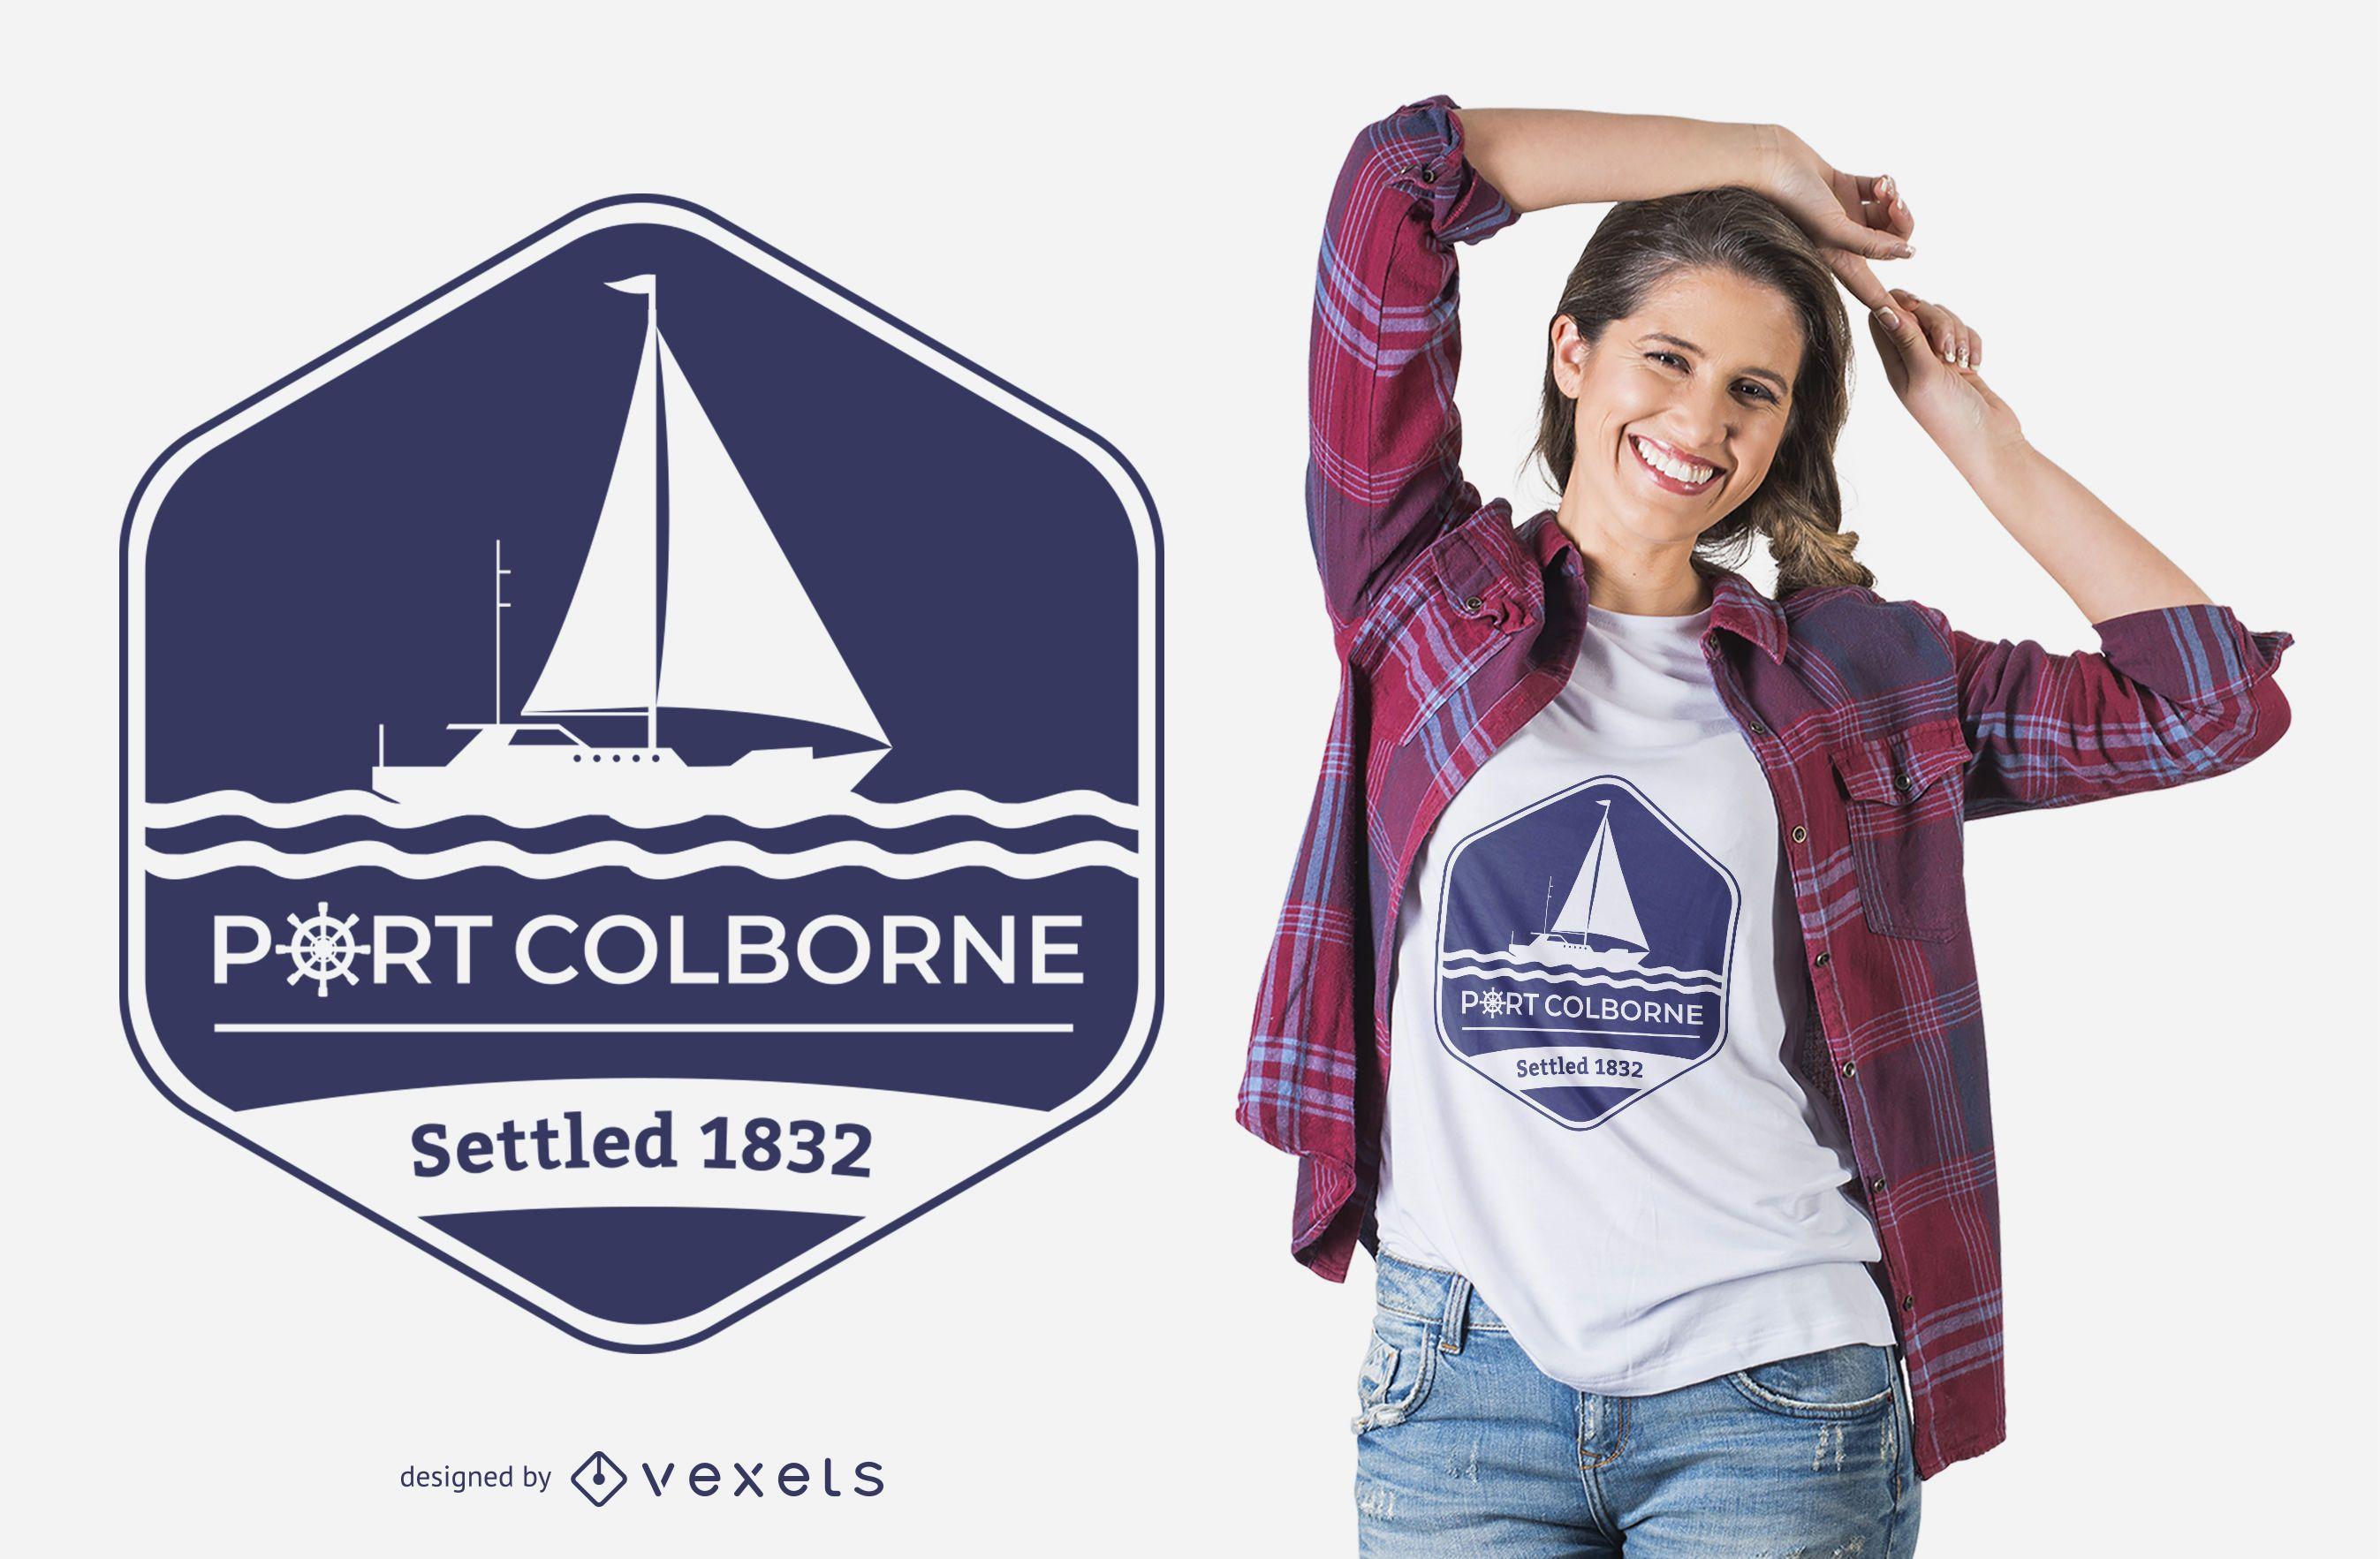 Dise?o de camiseta Port Colborne